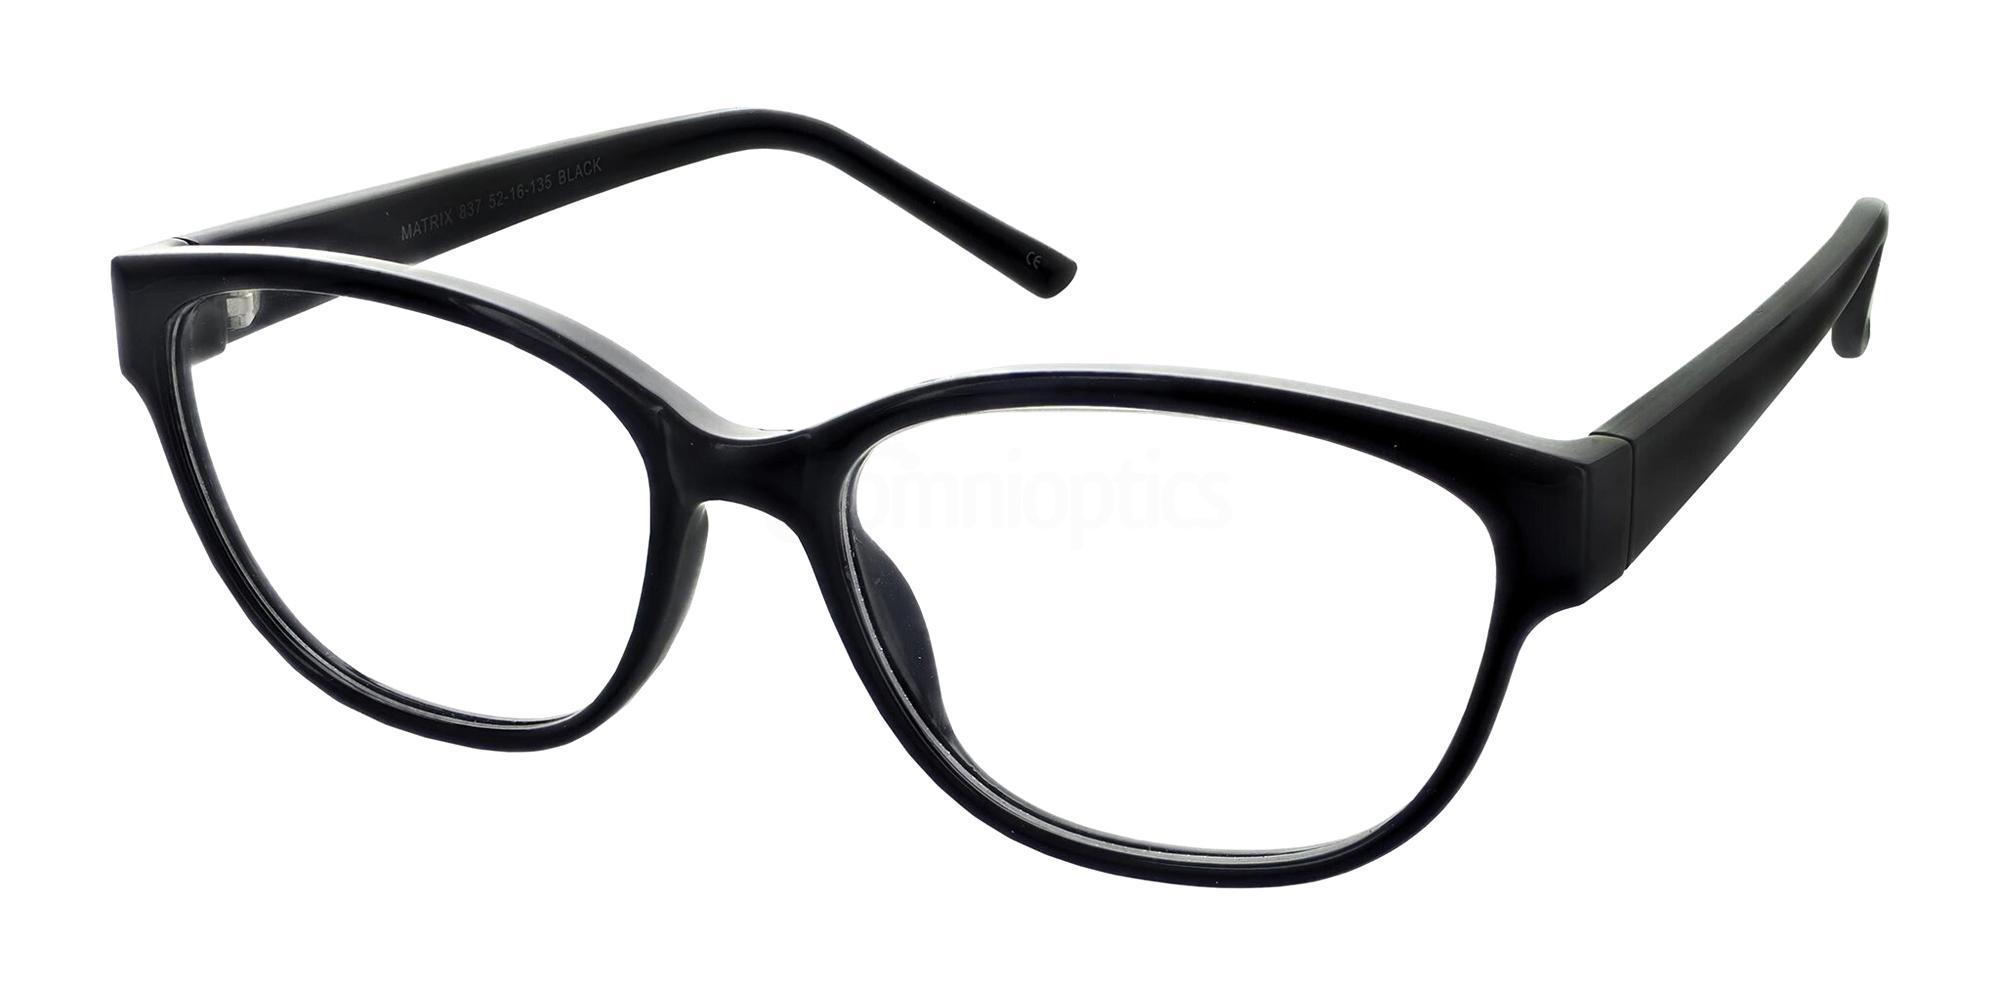 Black 837 Glasses, Matrix